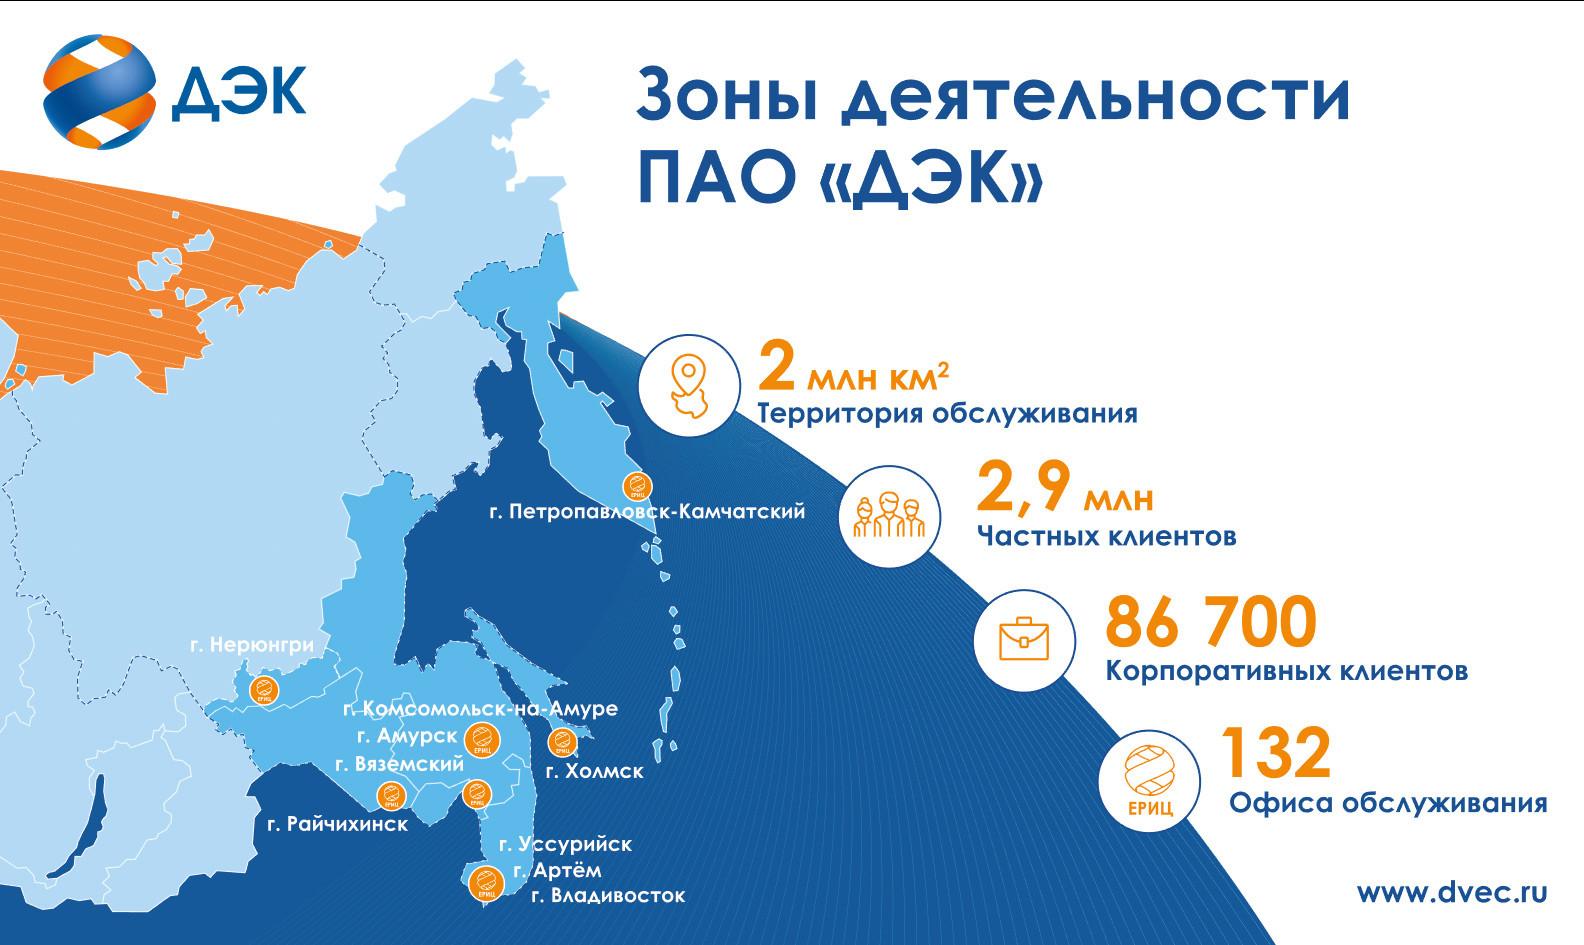 Стабильной работе энергосистемы Дальнего Востока способствуют своевременные платежи предприятий Министерства обороны